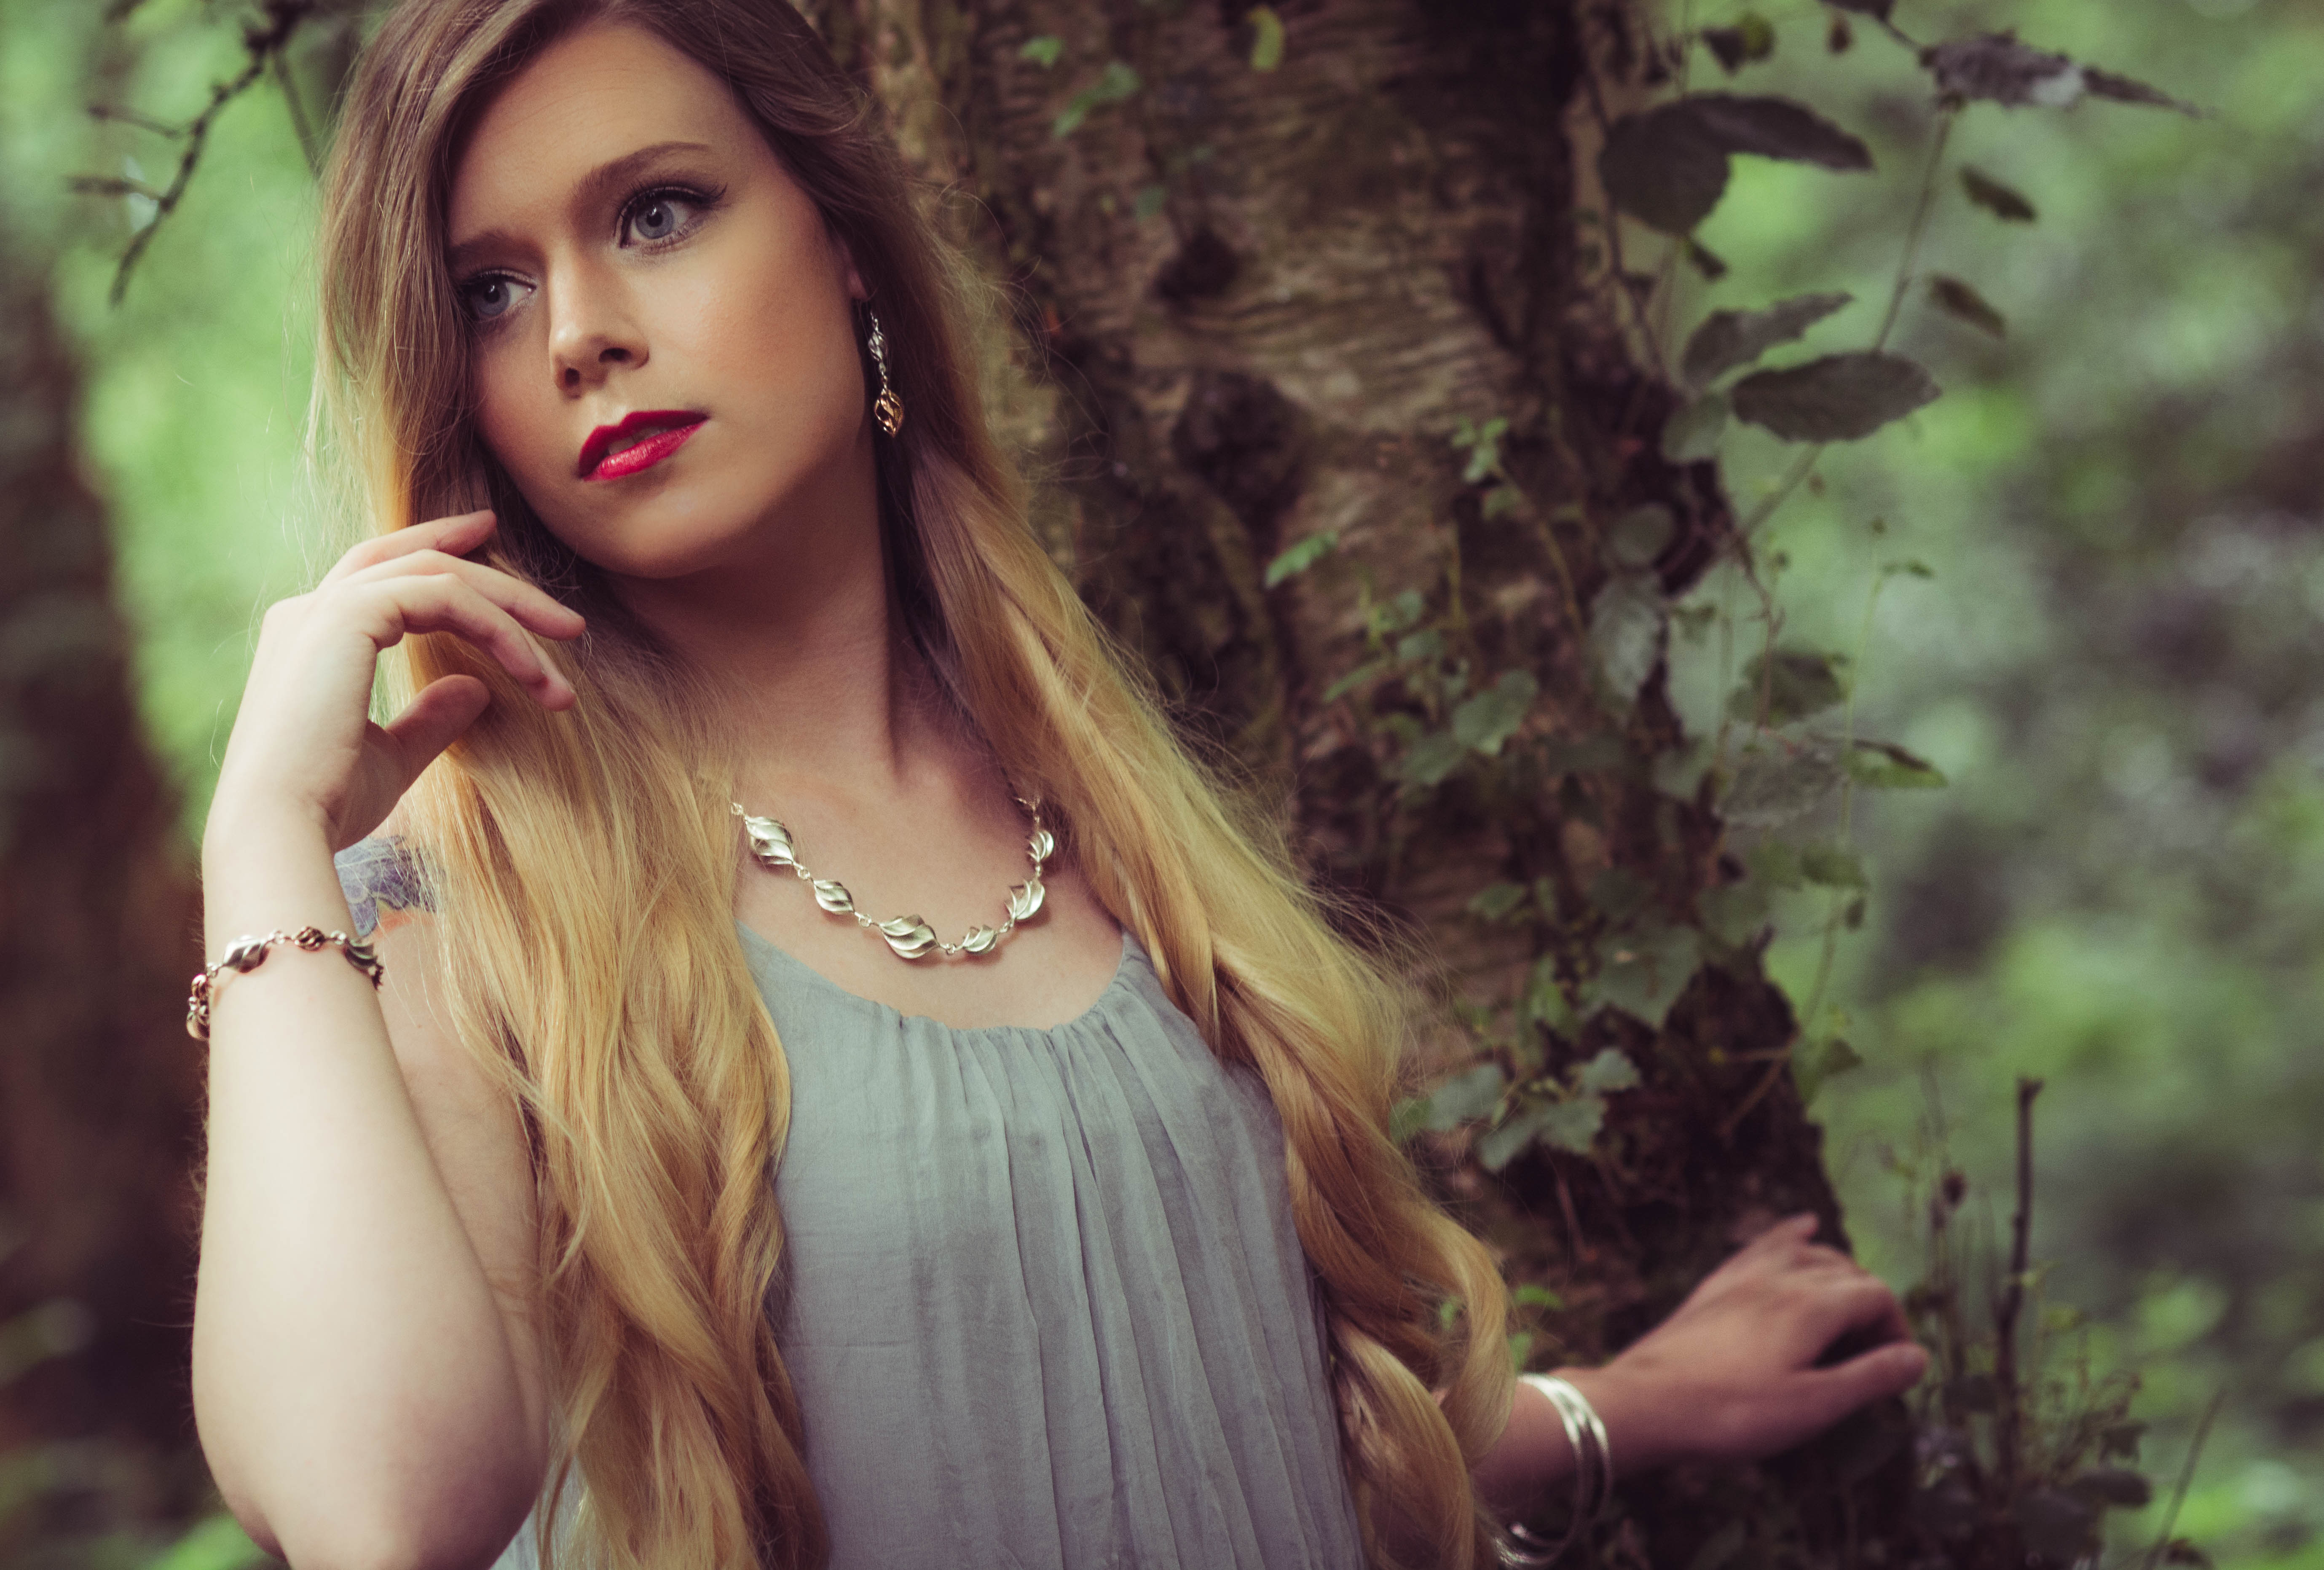 Woodland Photo Shoot Make up